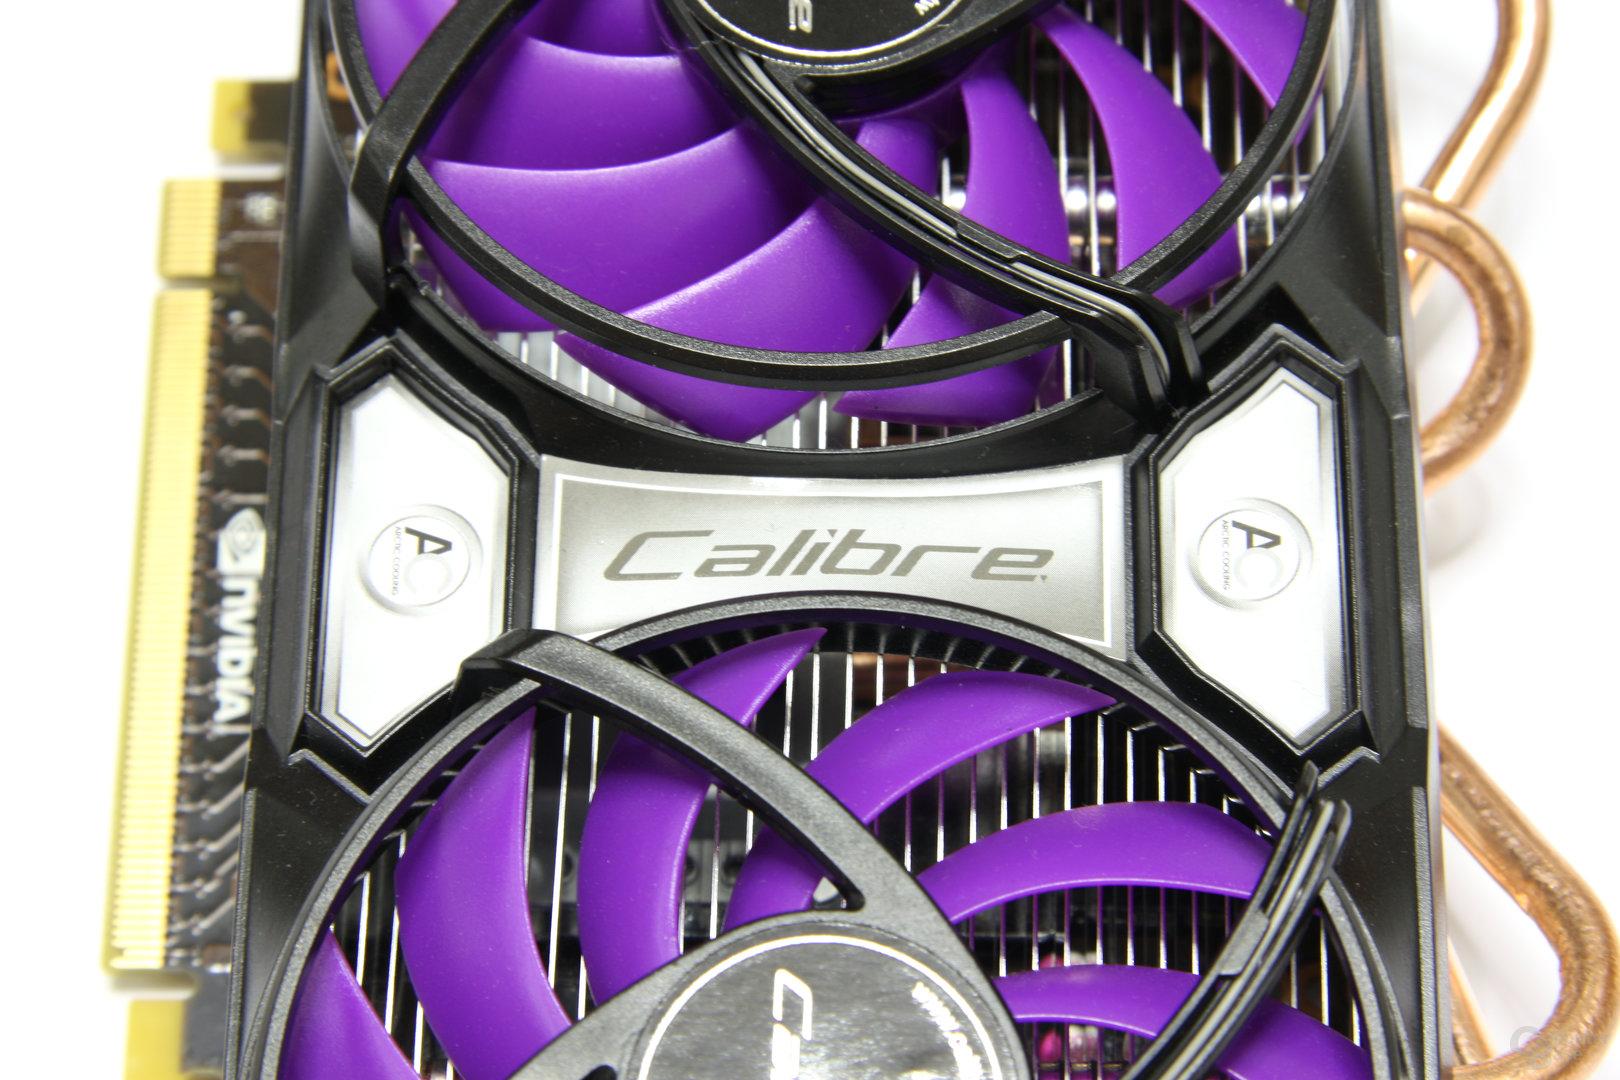 Calibre GTX 560 Super OC Logo